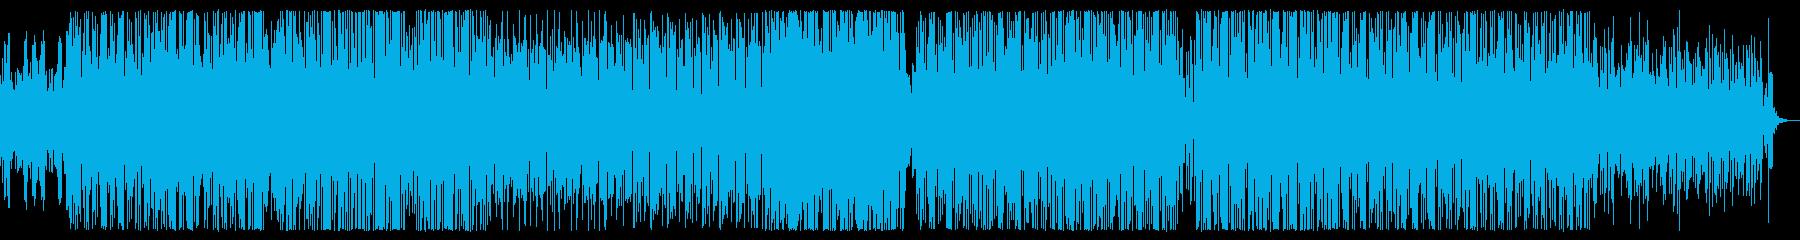 フュージョン ジャズ 移動 ピアノ...の再生済みの波形